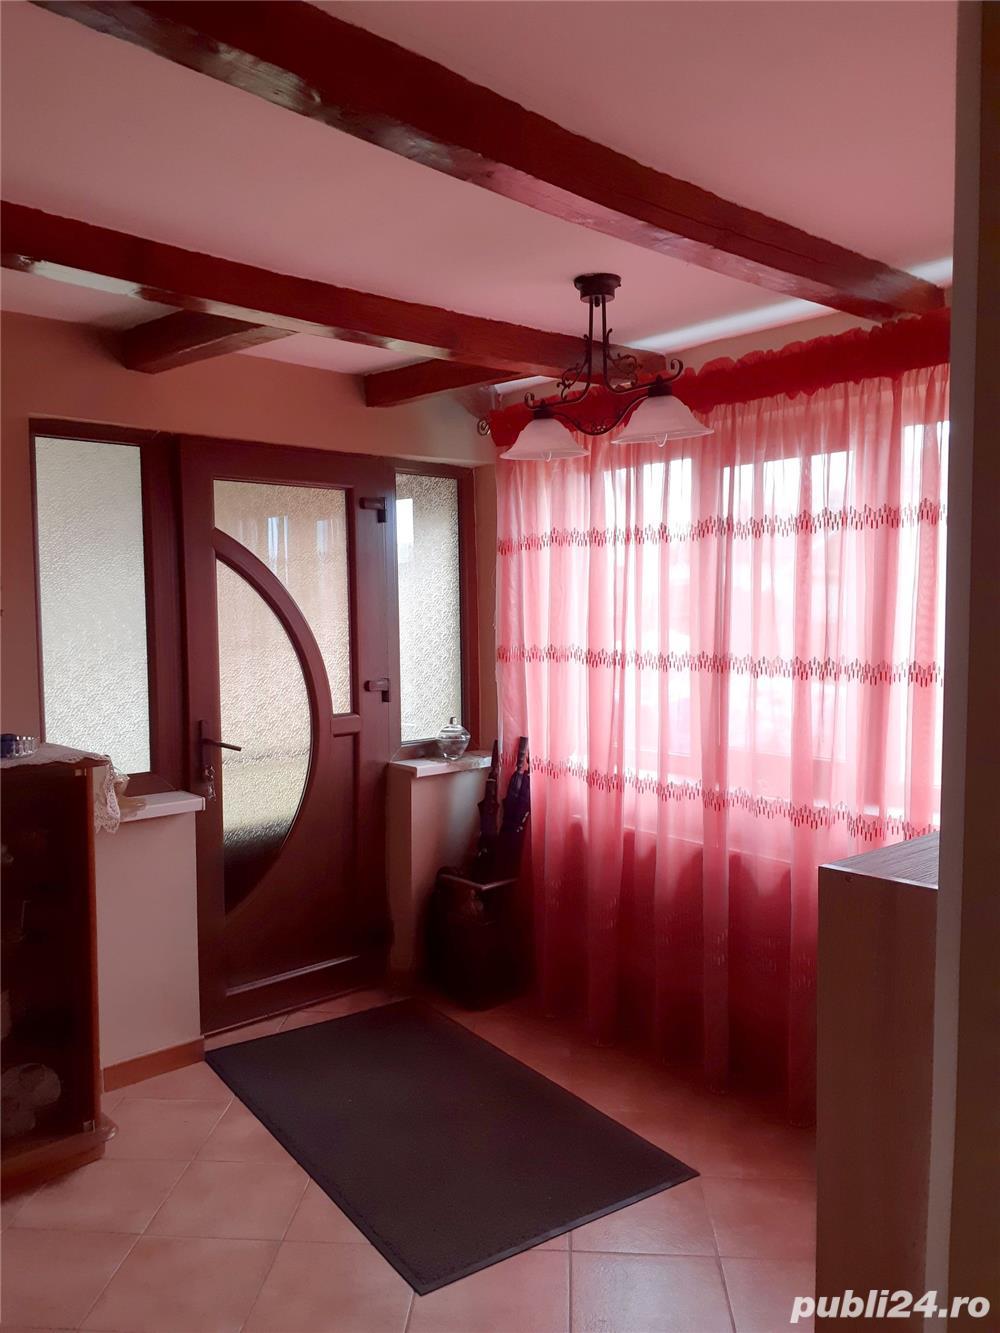 Casa 3 camere cu teren in Biharia, 1170mp,zona verde linistita